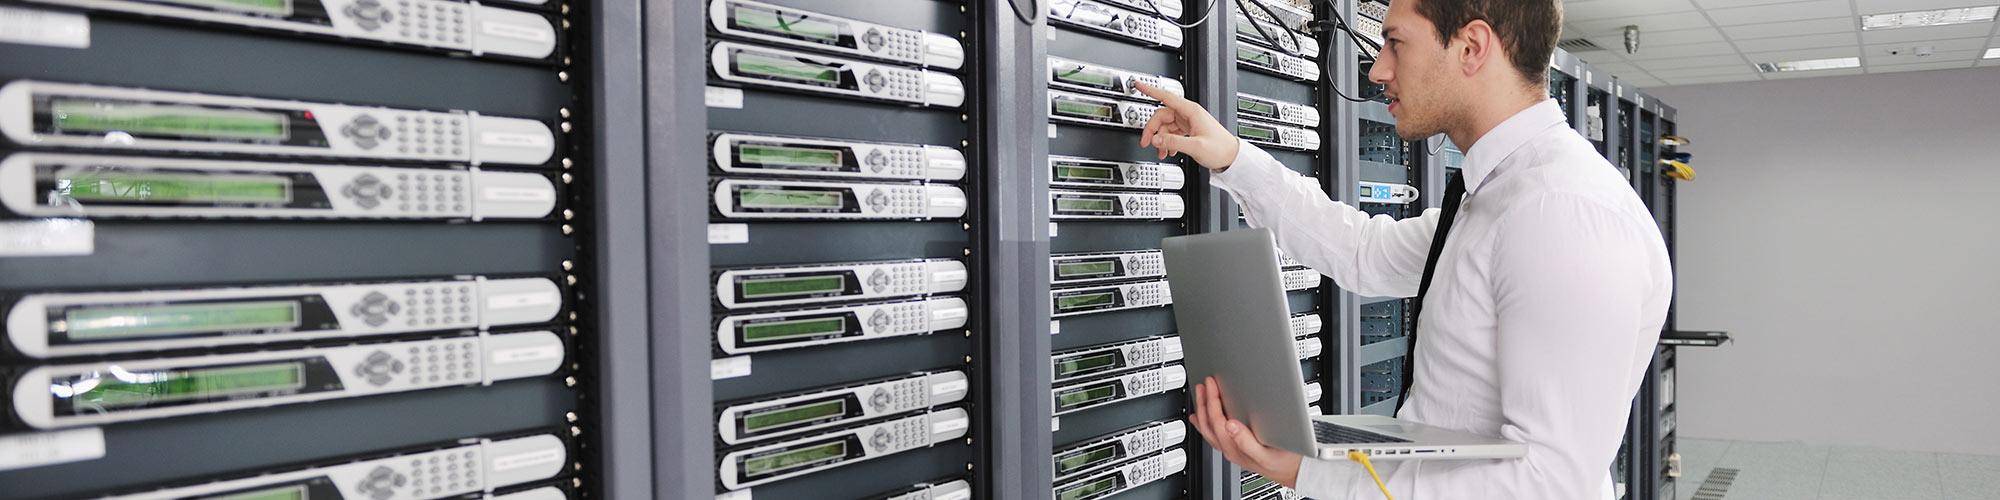 Servicio libre de interrupciones en la sala de servidores